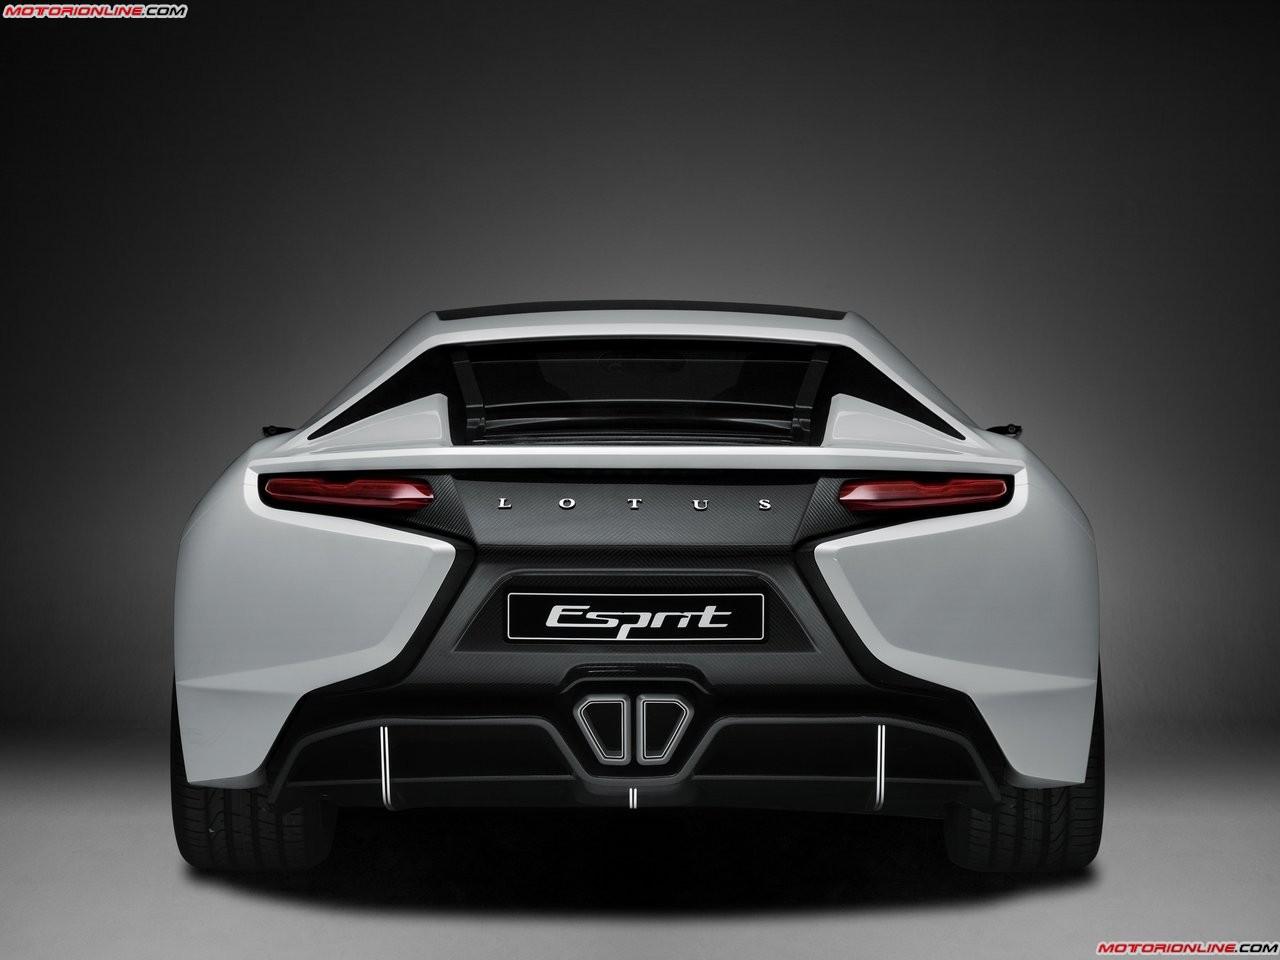 Lotus Esprit R 2014 Lotus-esprit_concept_2010_015